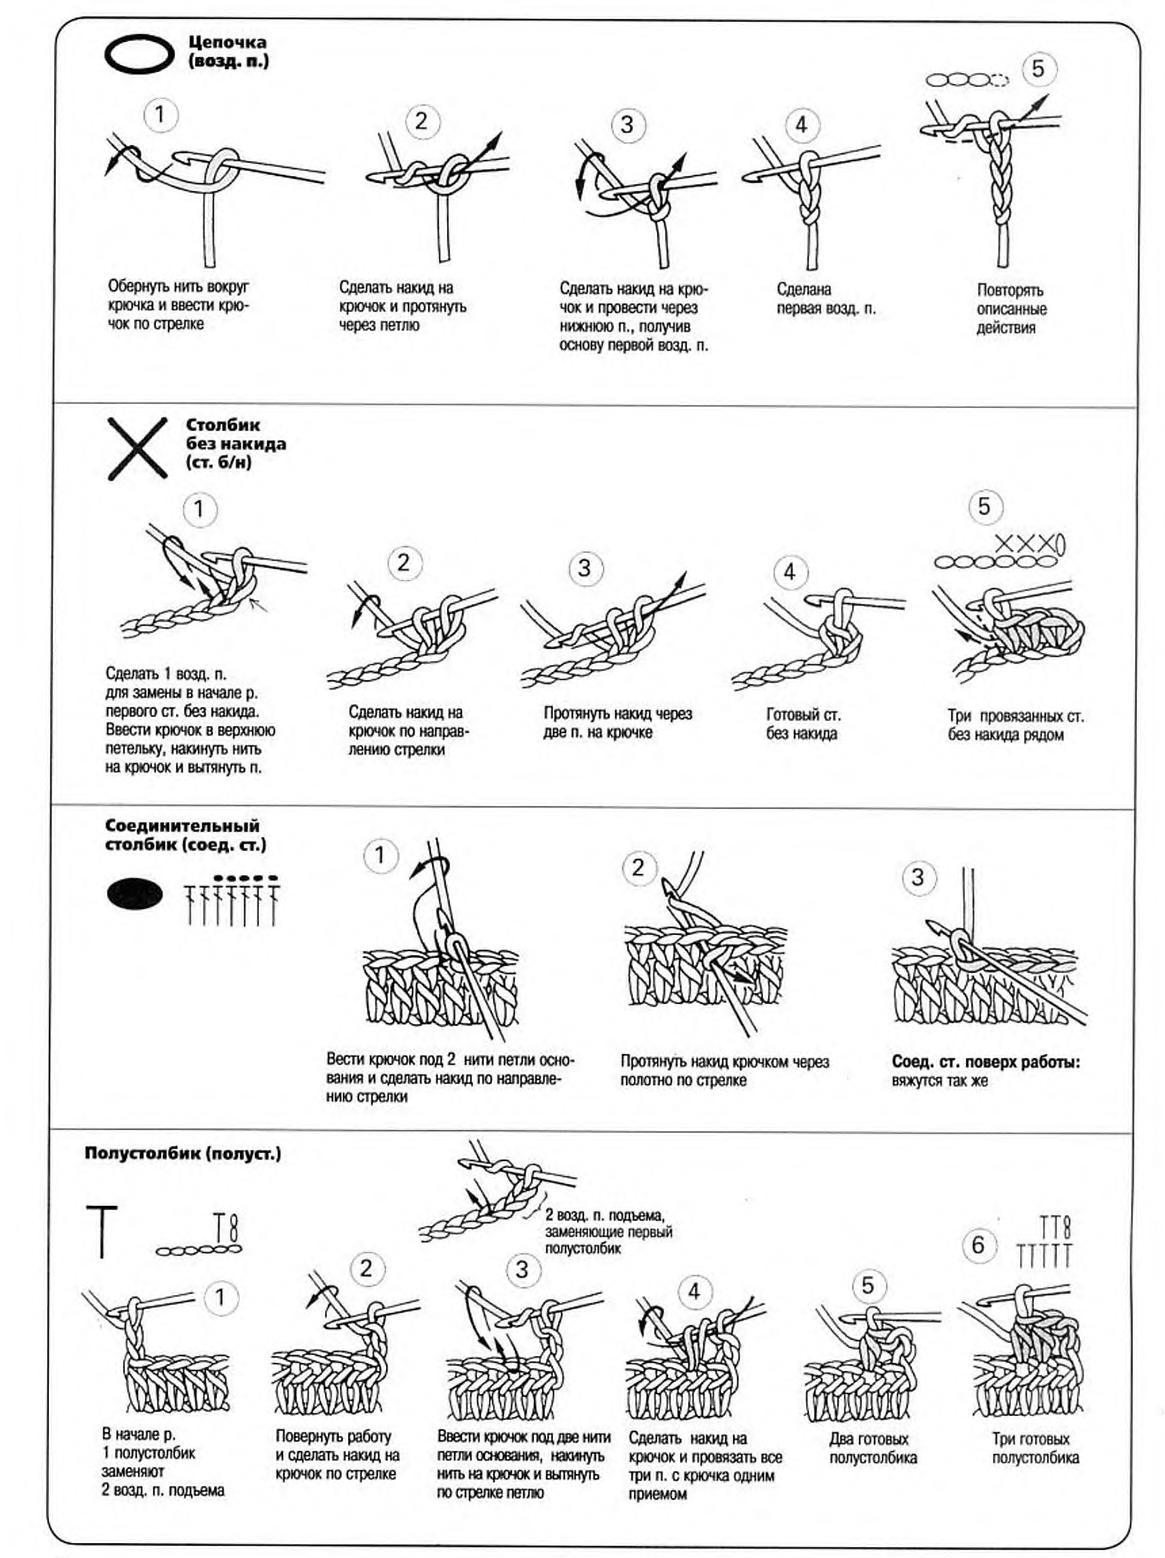 В вязание крючком крестик что обозначает